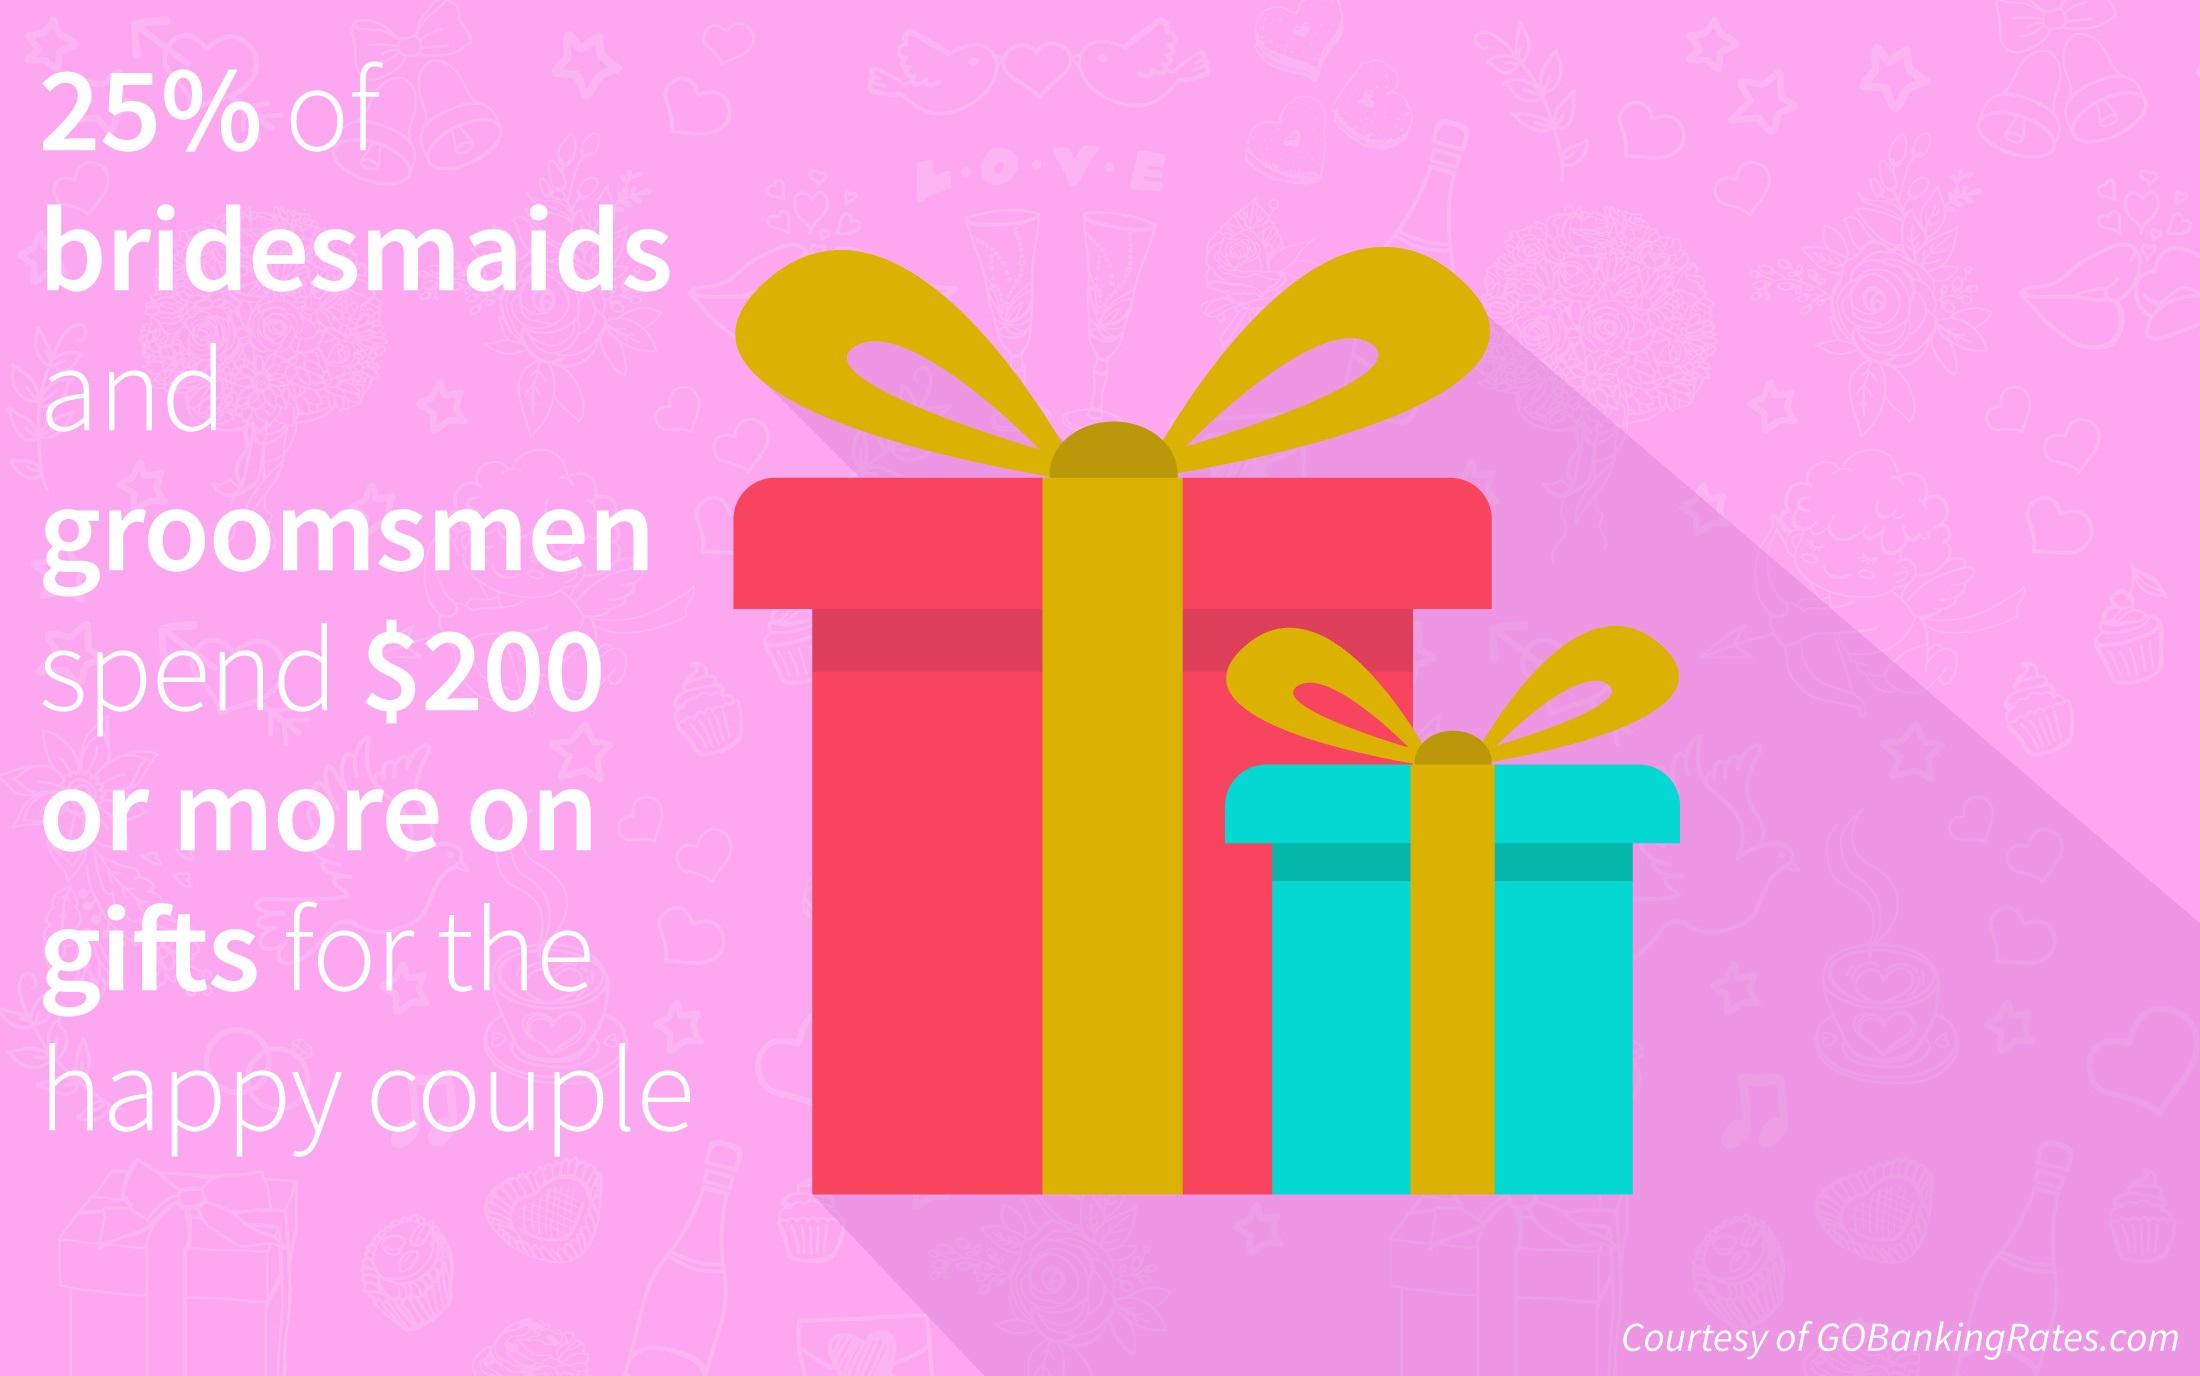 Groomsmen Actually Pay More Than Bridesmaids For Wedding Duties